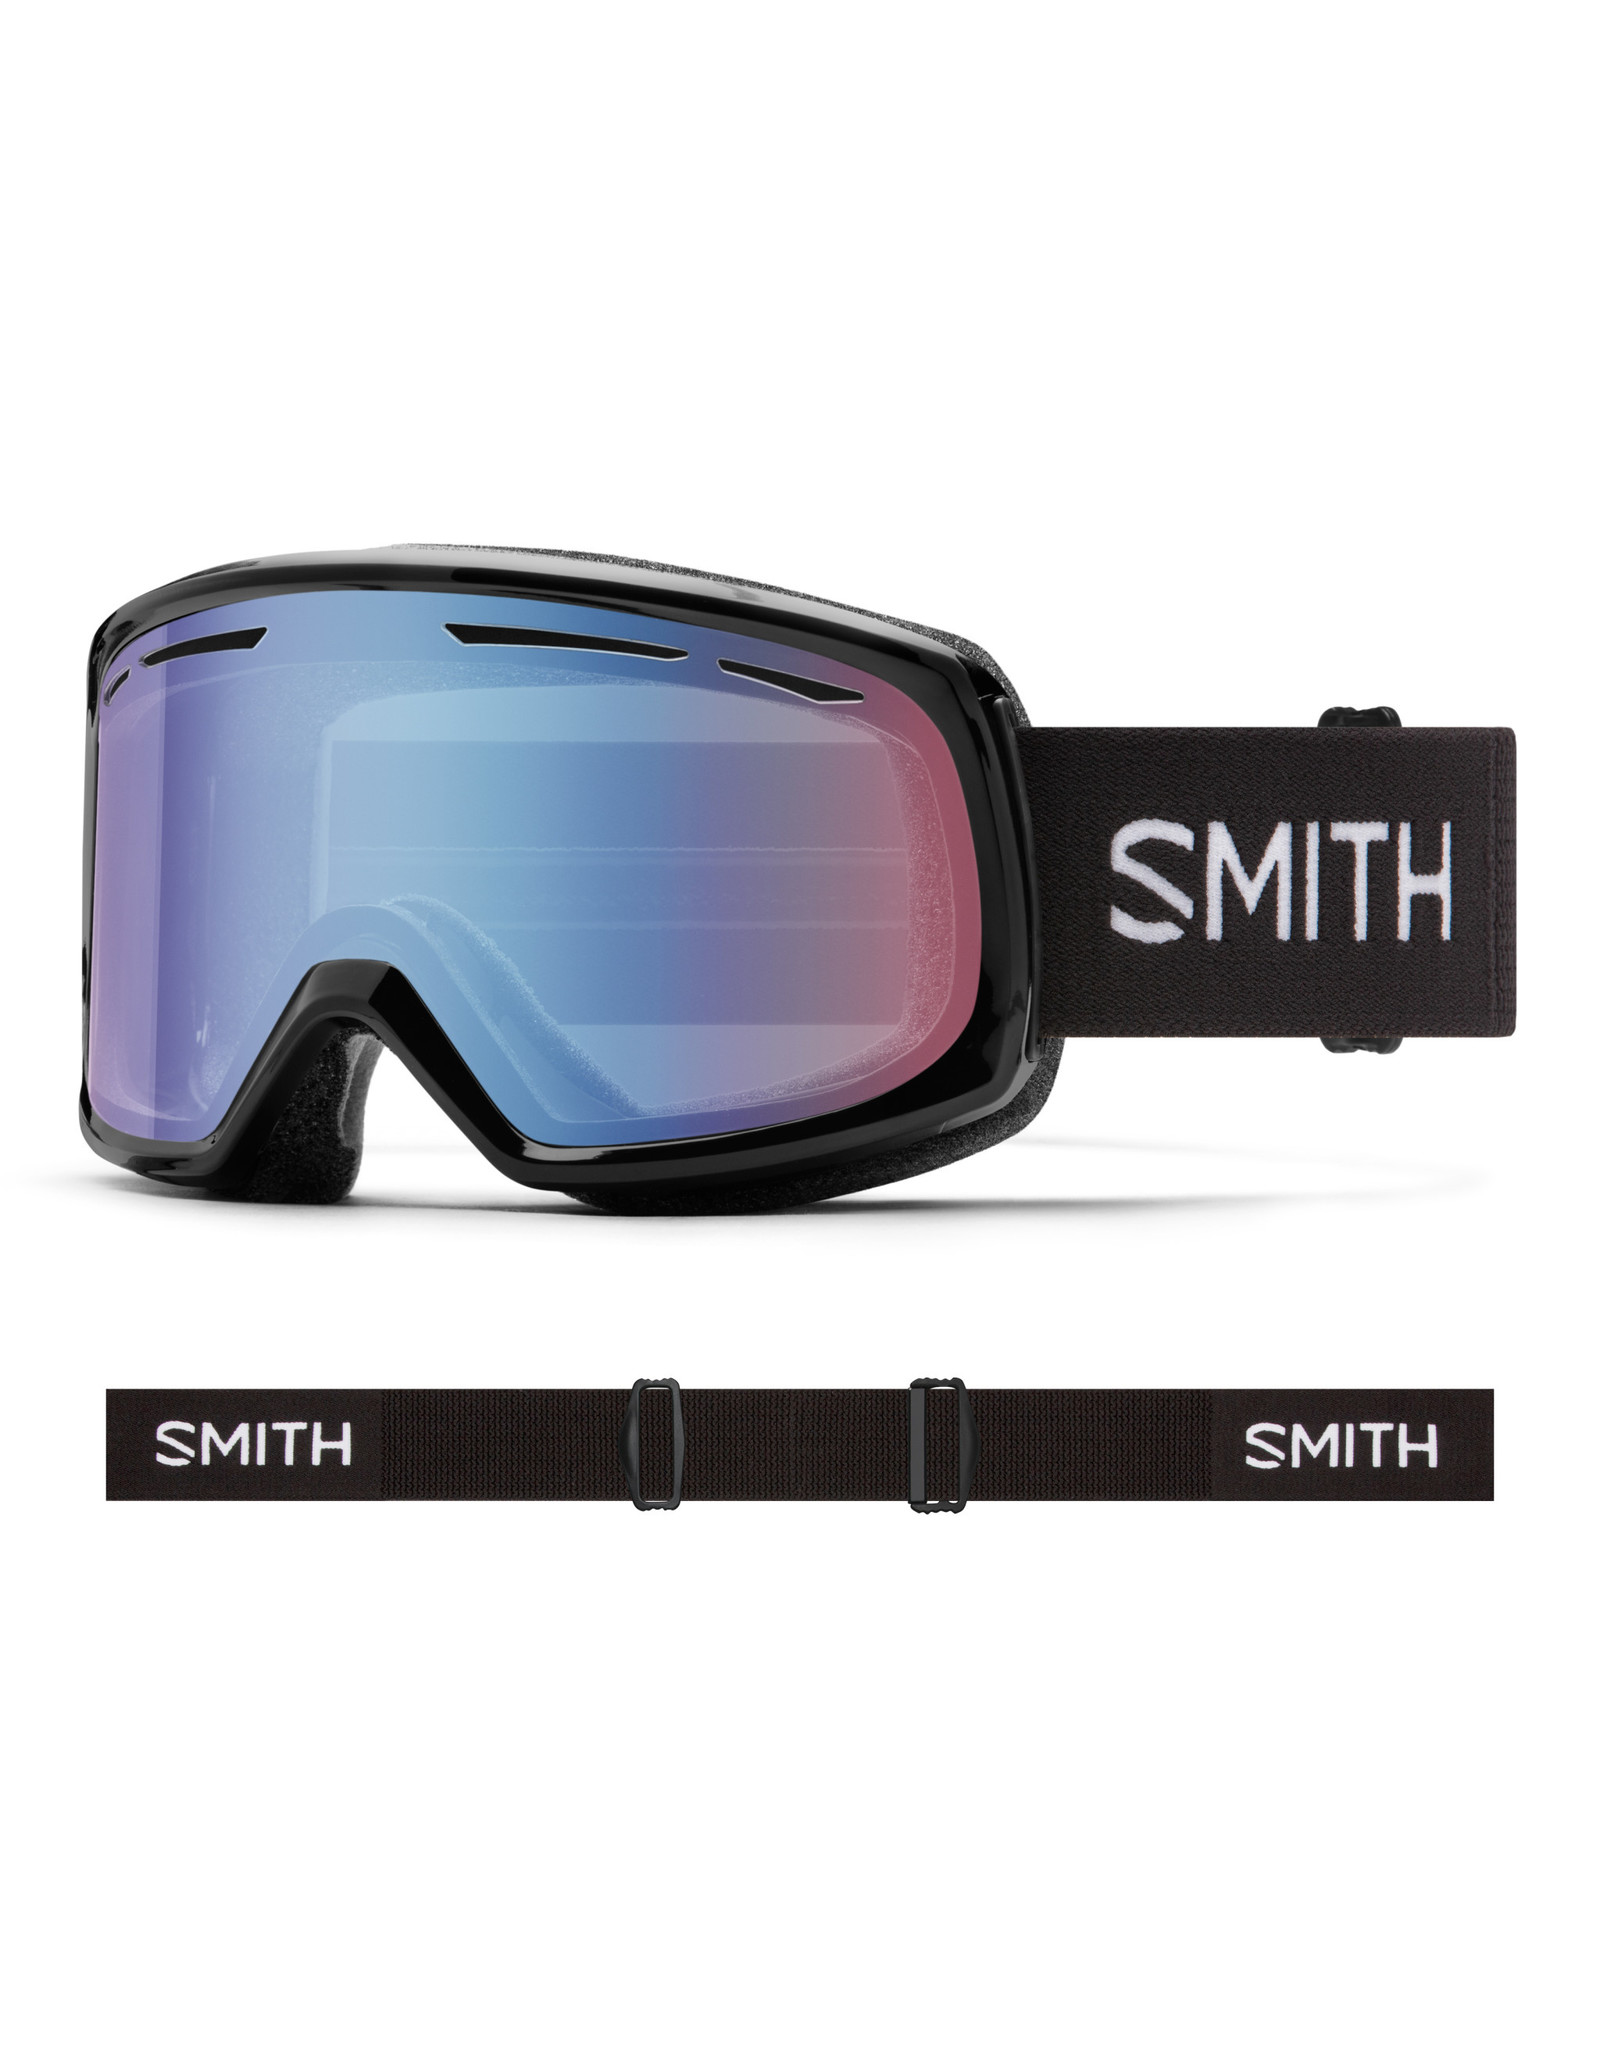 Smith SMITH DRIFT BLACK 20 SKI GOGGLE